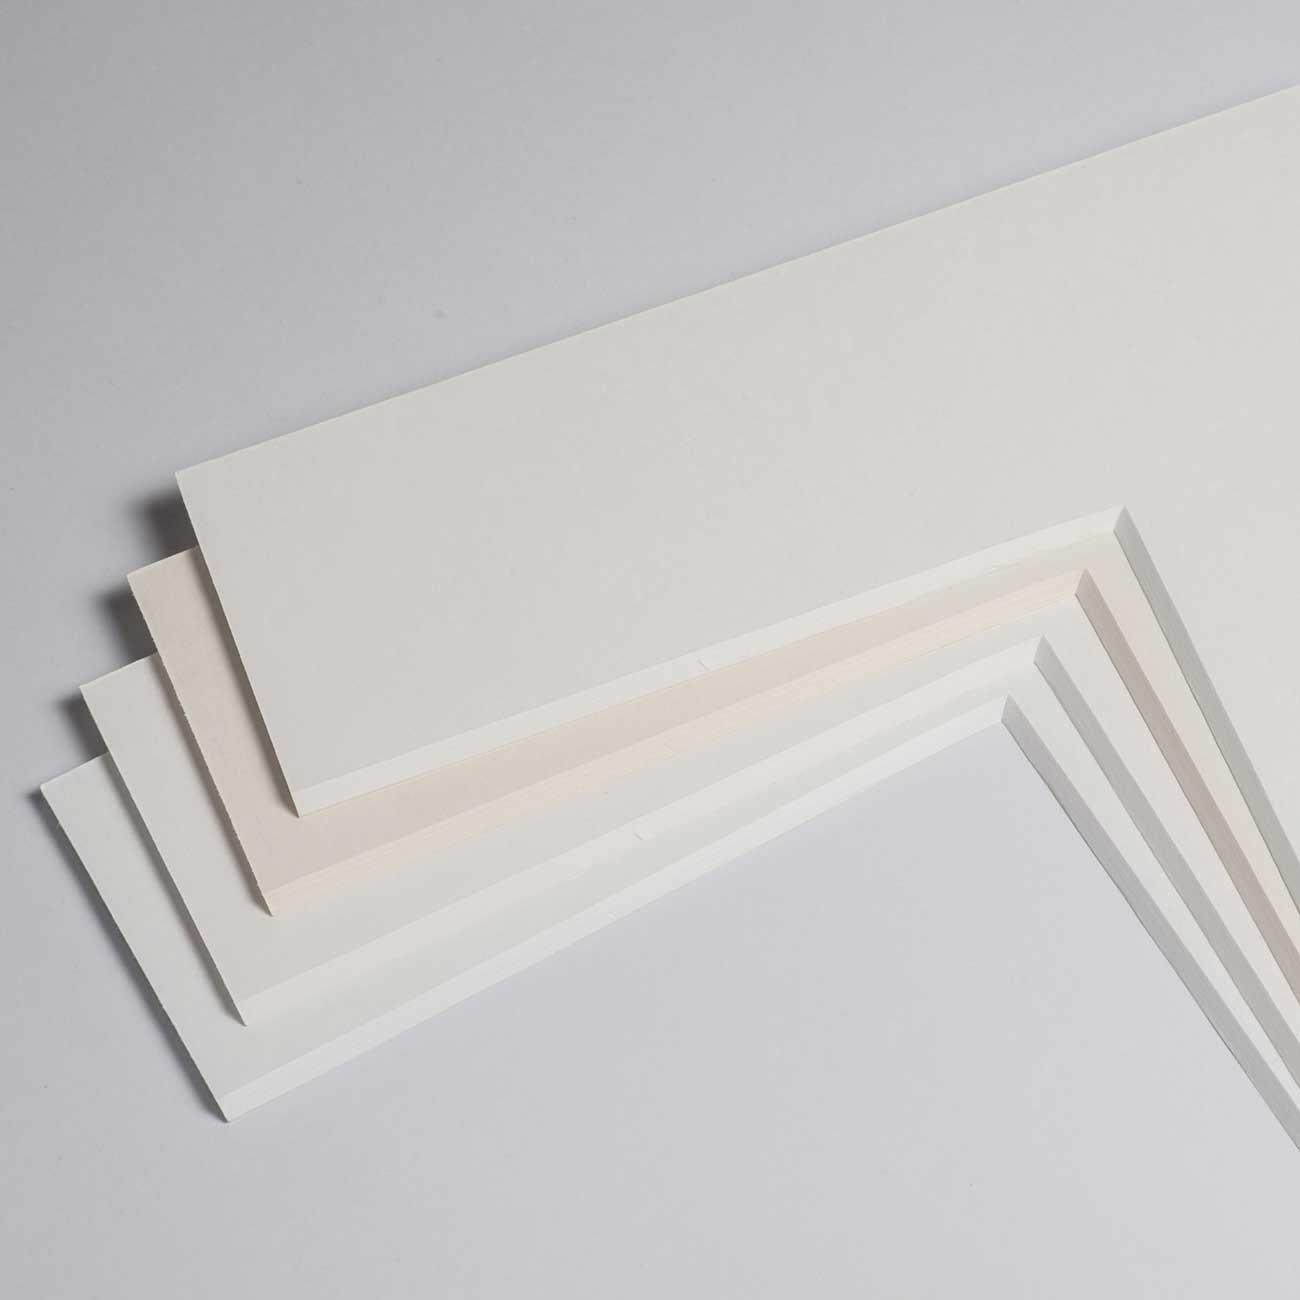 2,7 mm museumkarton met individueel knipsel